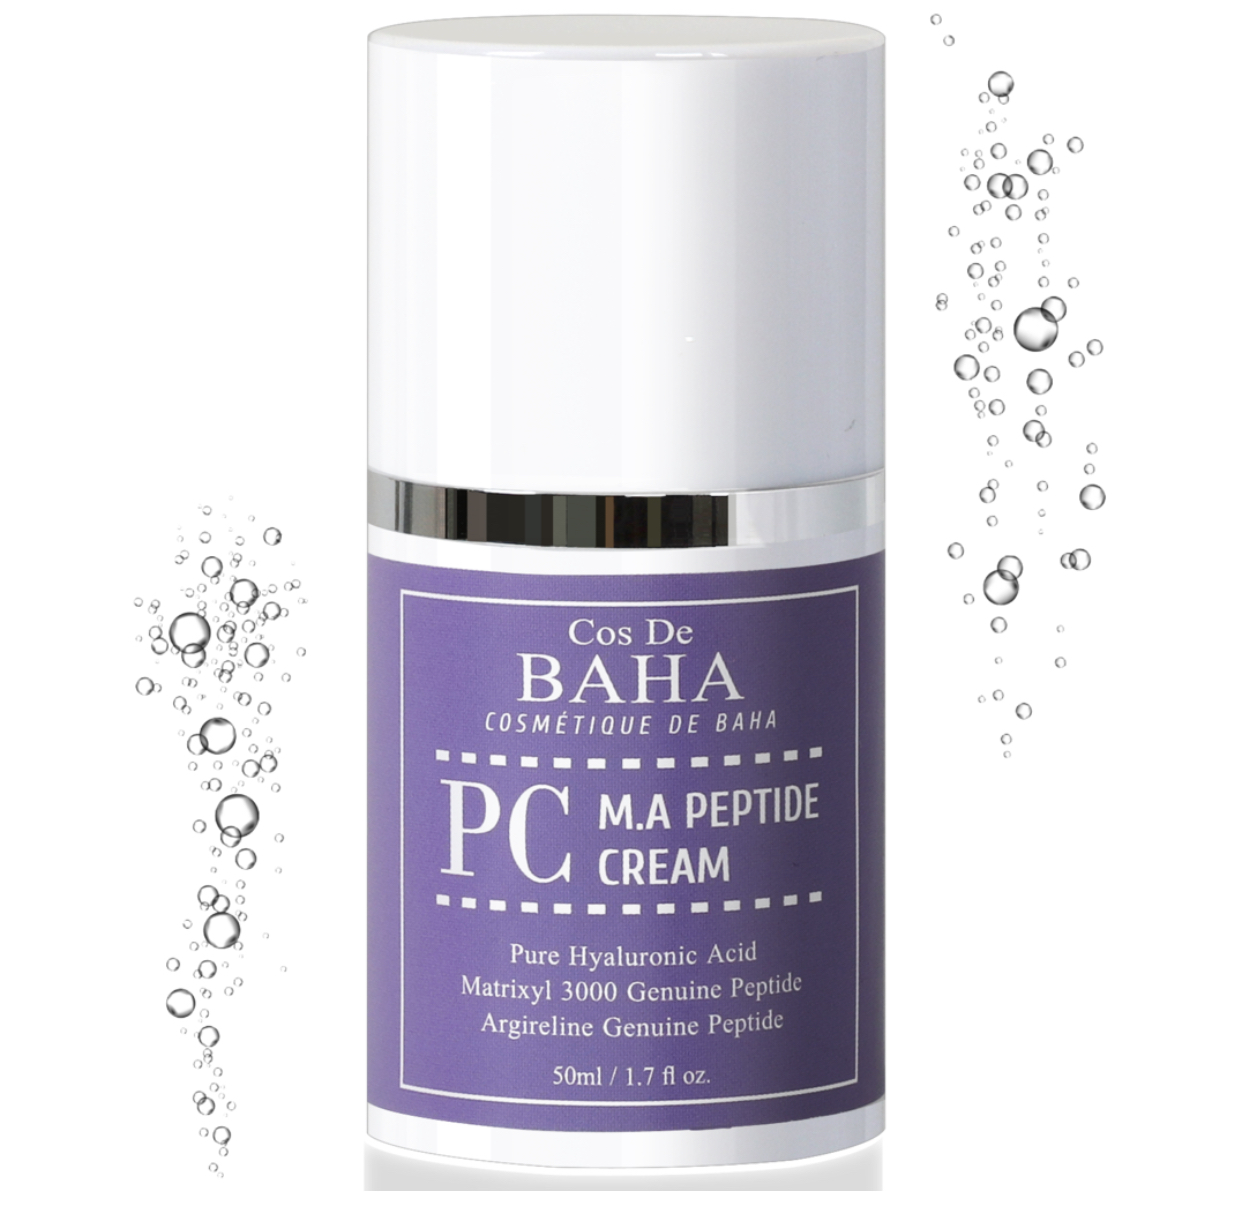 Cos De BAHA M.A. Peptide Cream